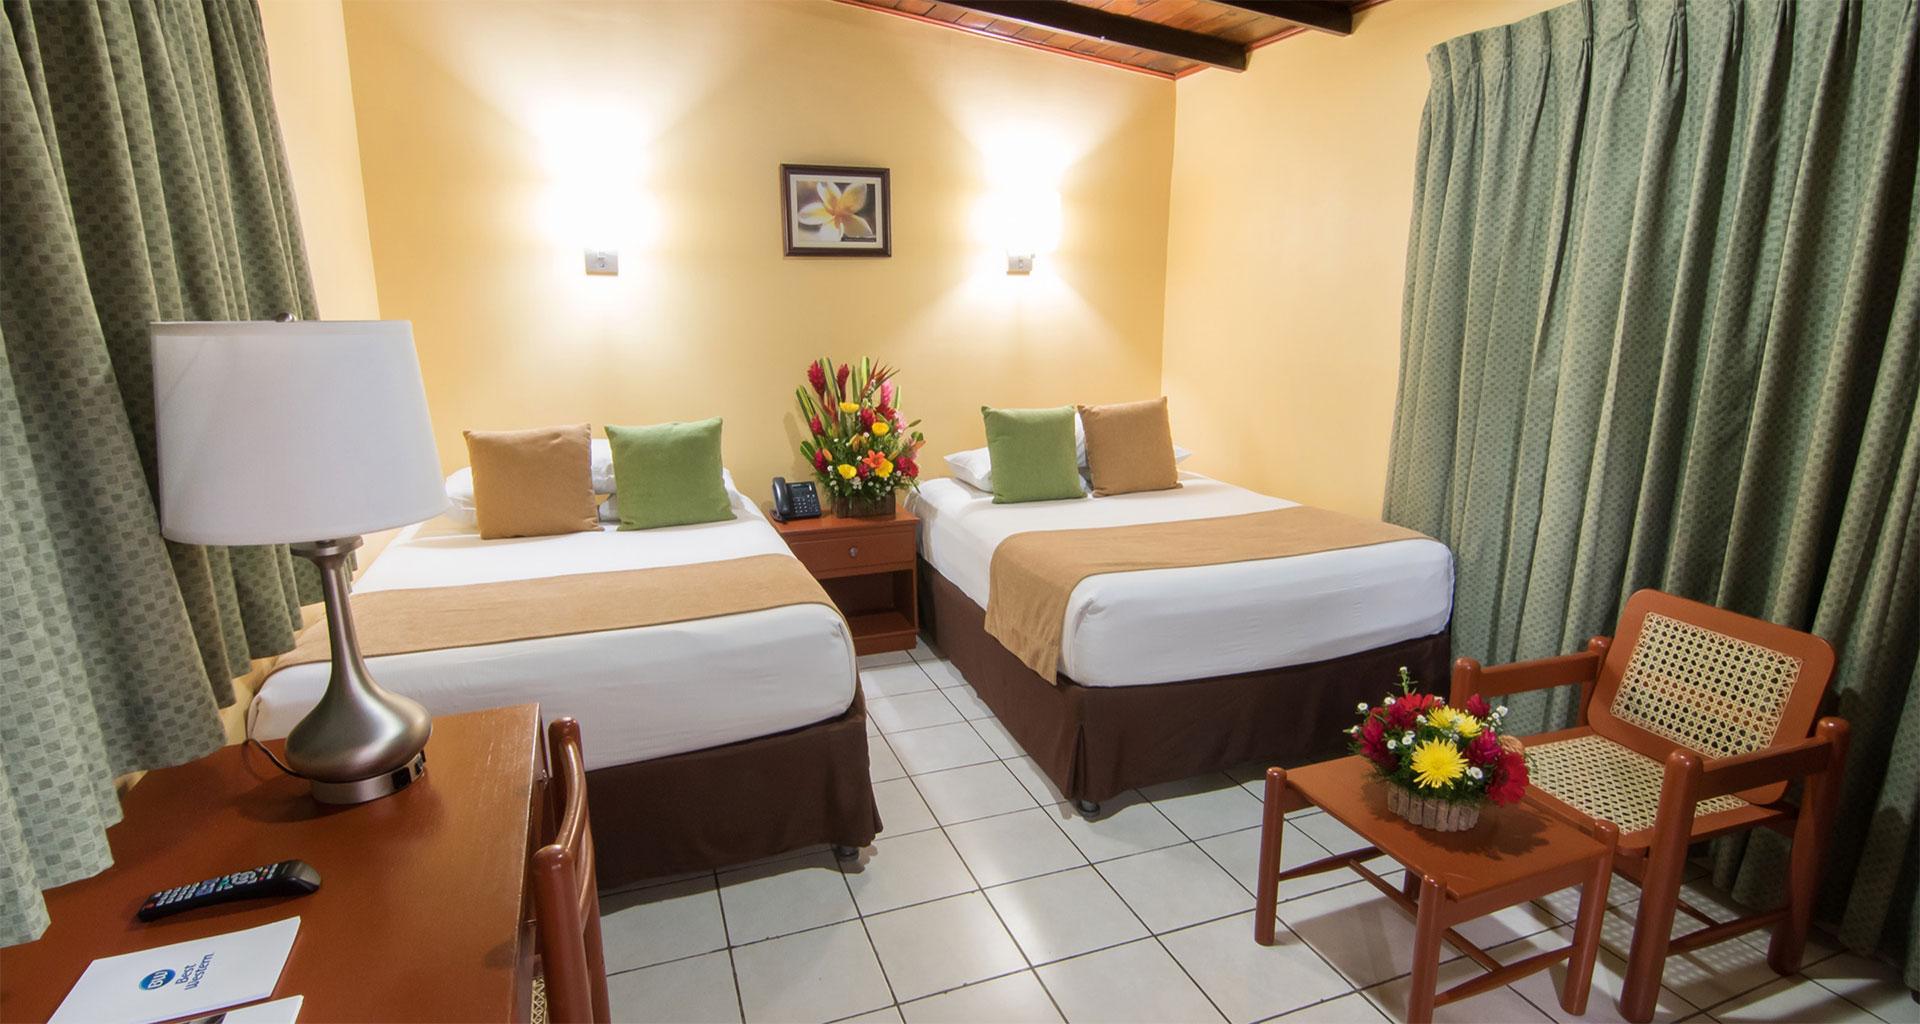 Habitación Doble. Hotel best Western Las Mercedes, Managua